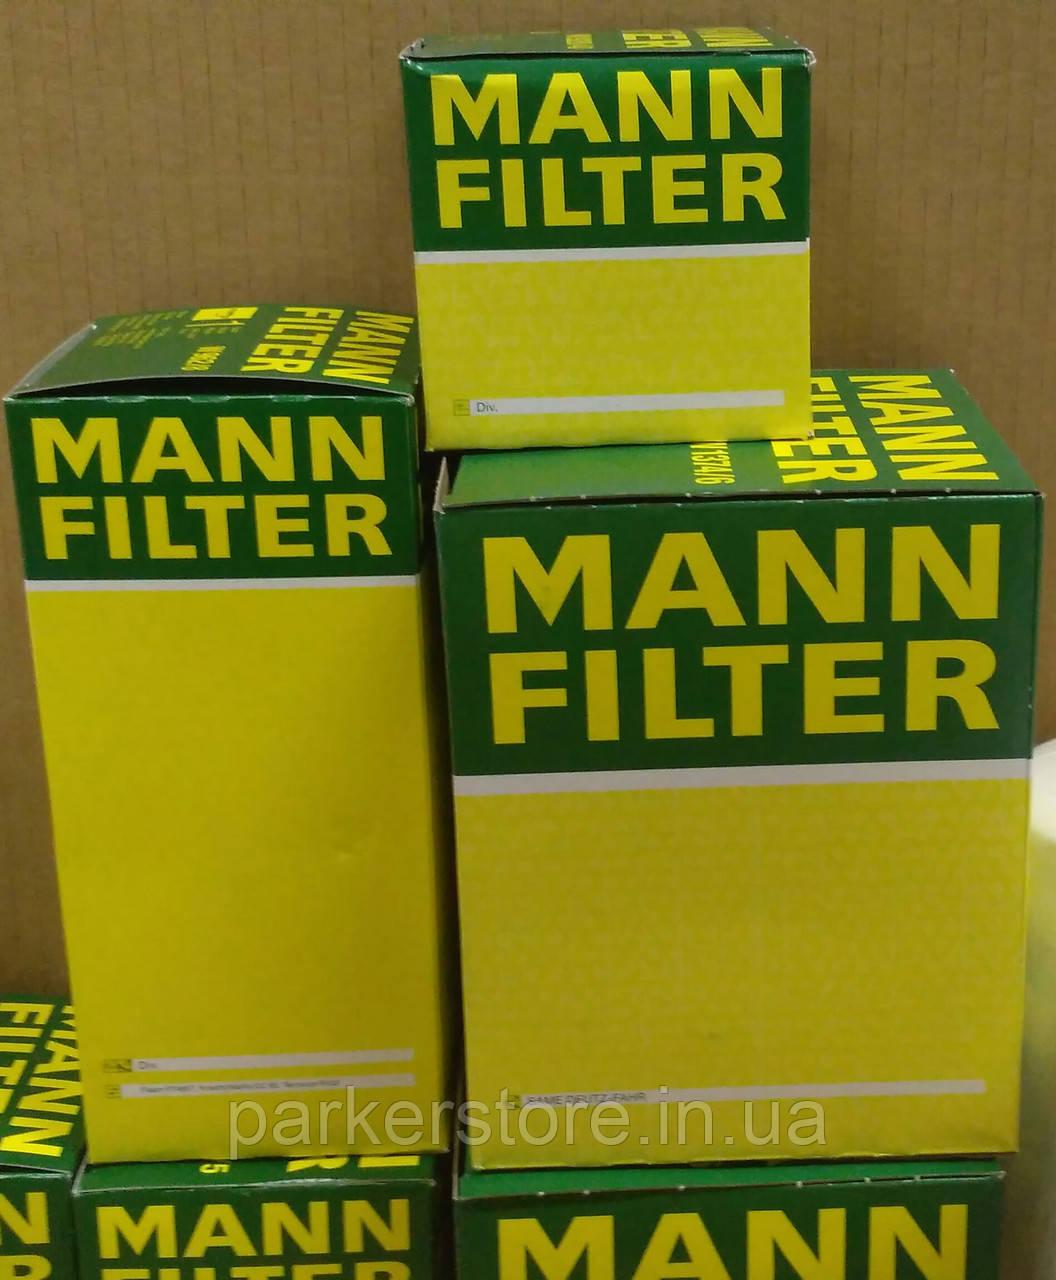 MANN FILTER / Воздушный фильтр / C 1188 / C1188